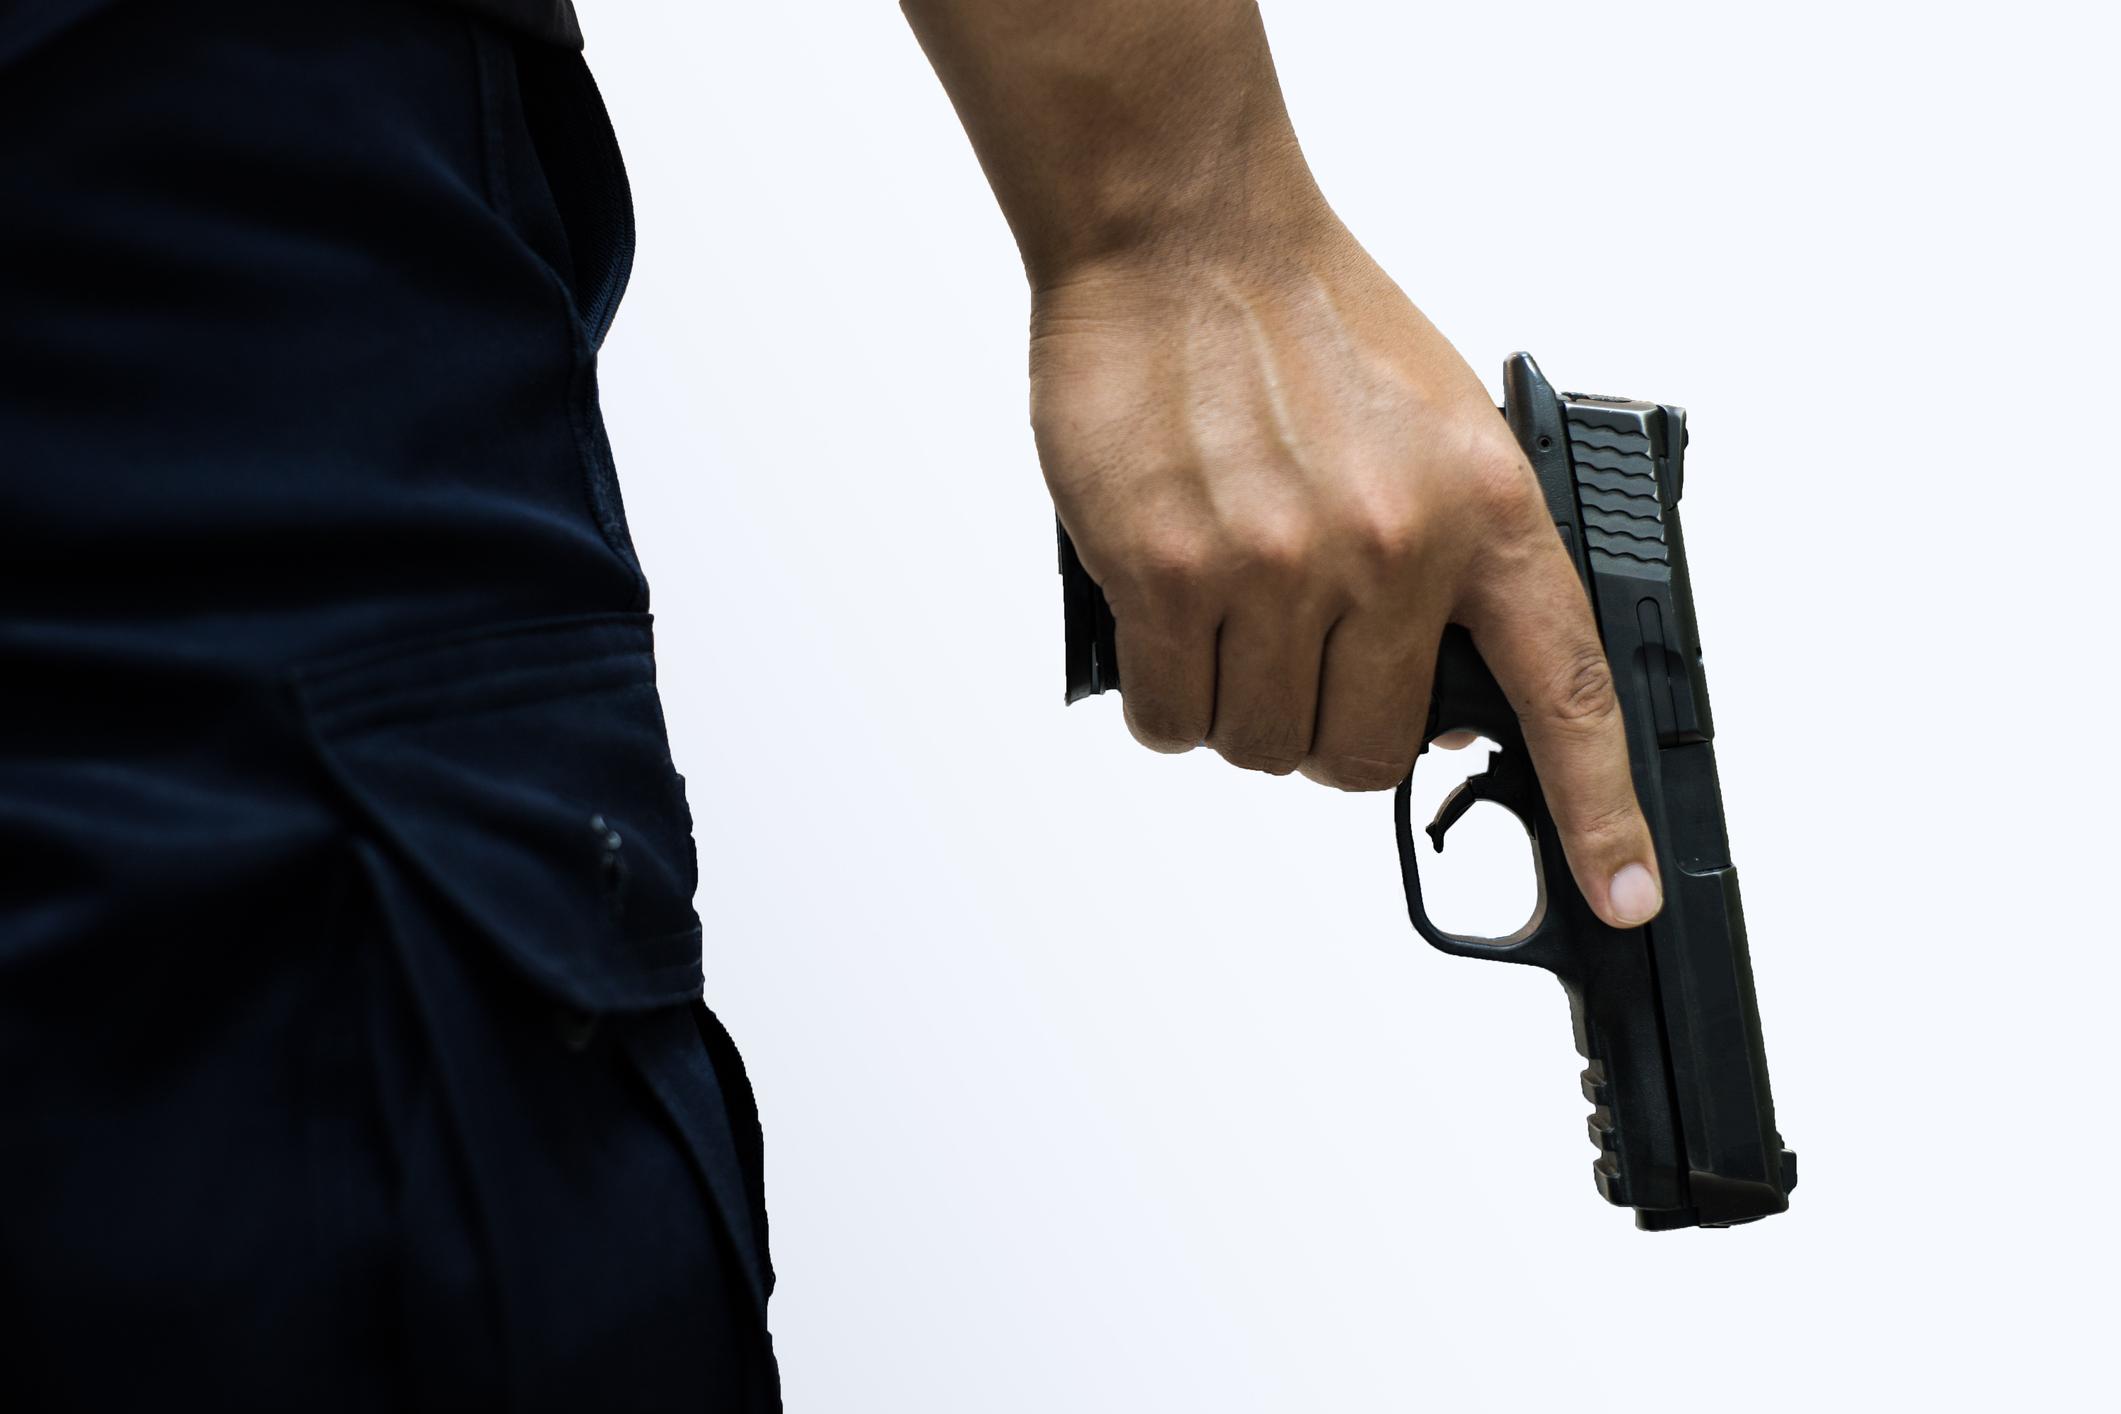 ניקה את הנשק וספג כדור ורסיסים. צילום: גטיאימג'ס